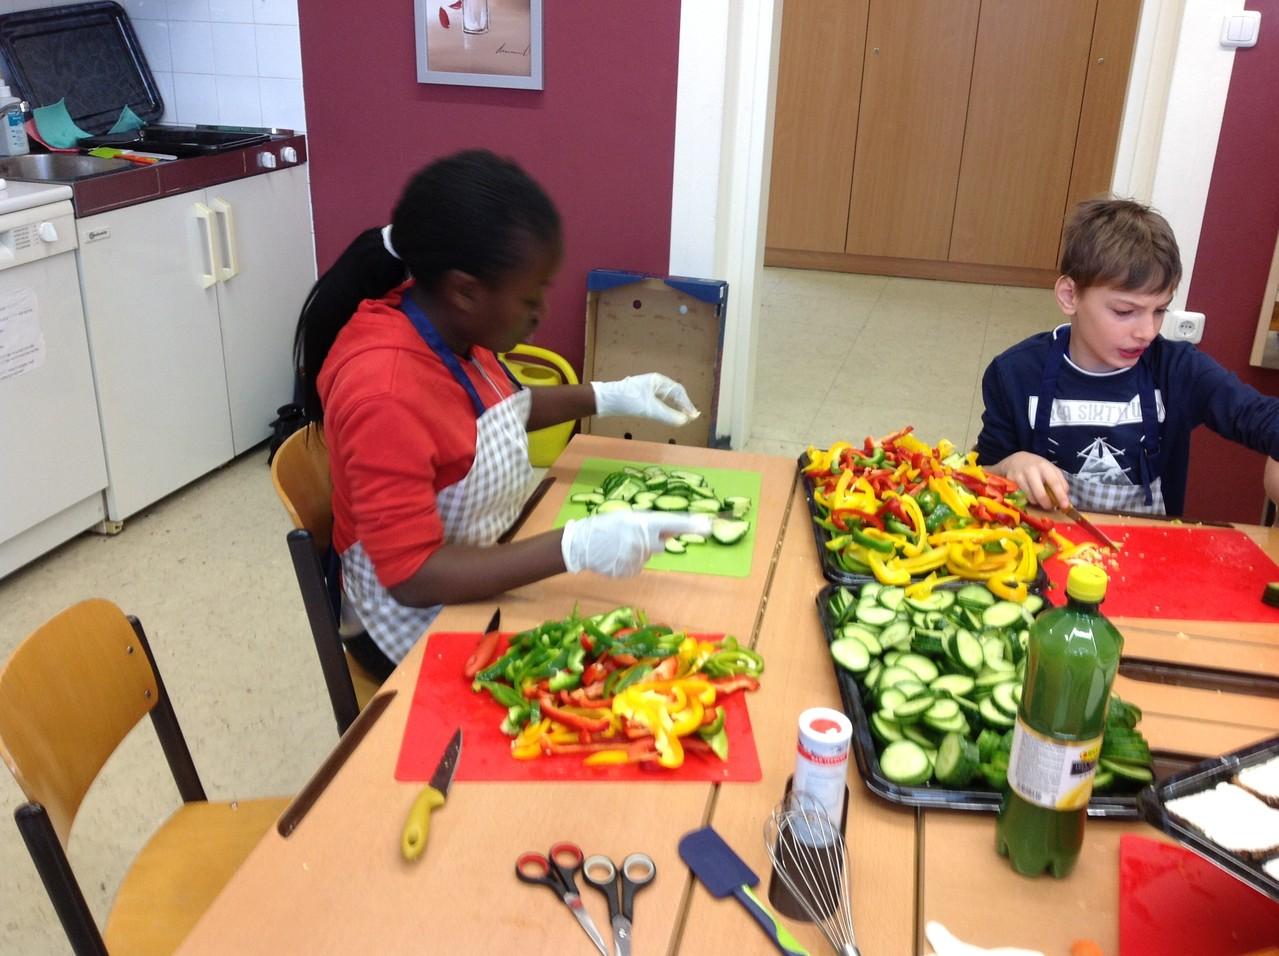 Die Kinder helfen mit großer Freude mit.